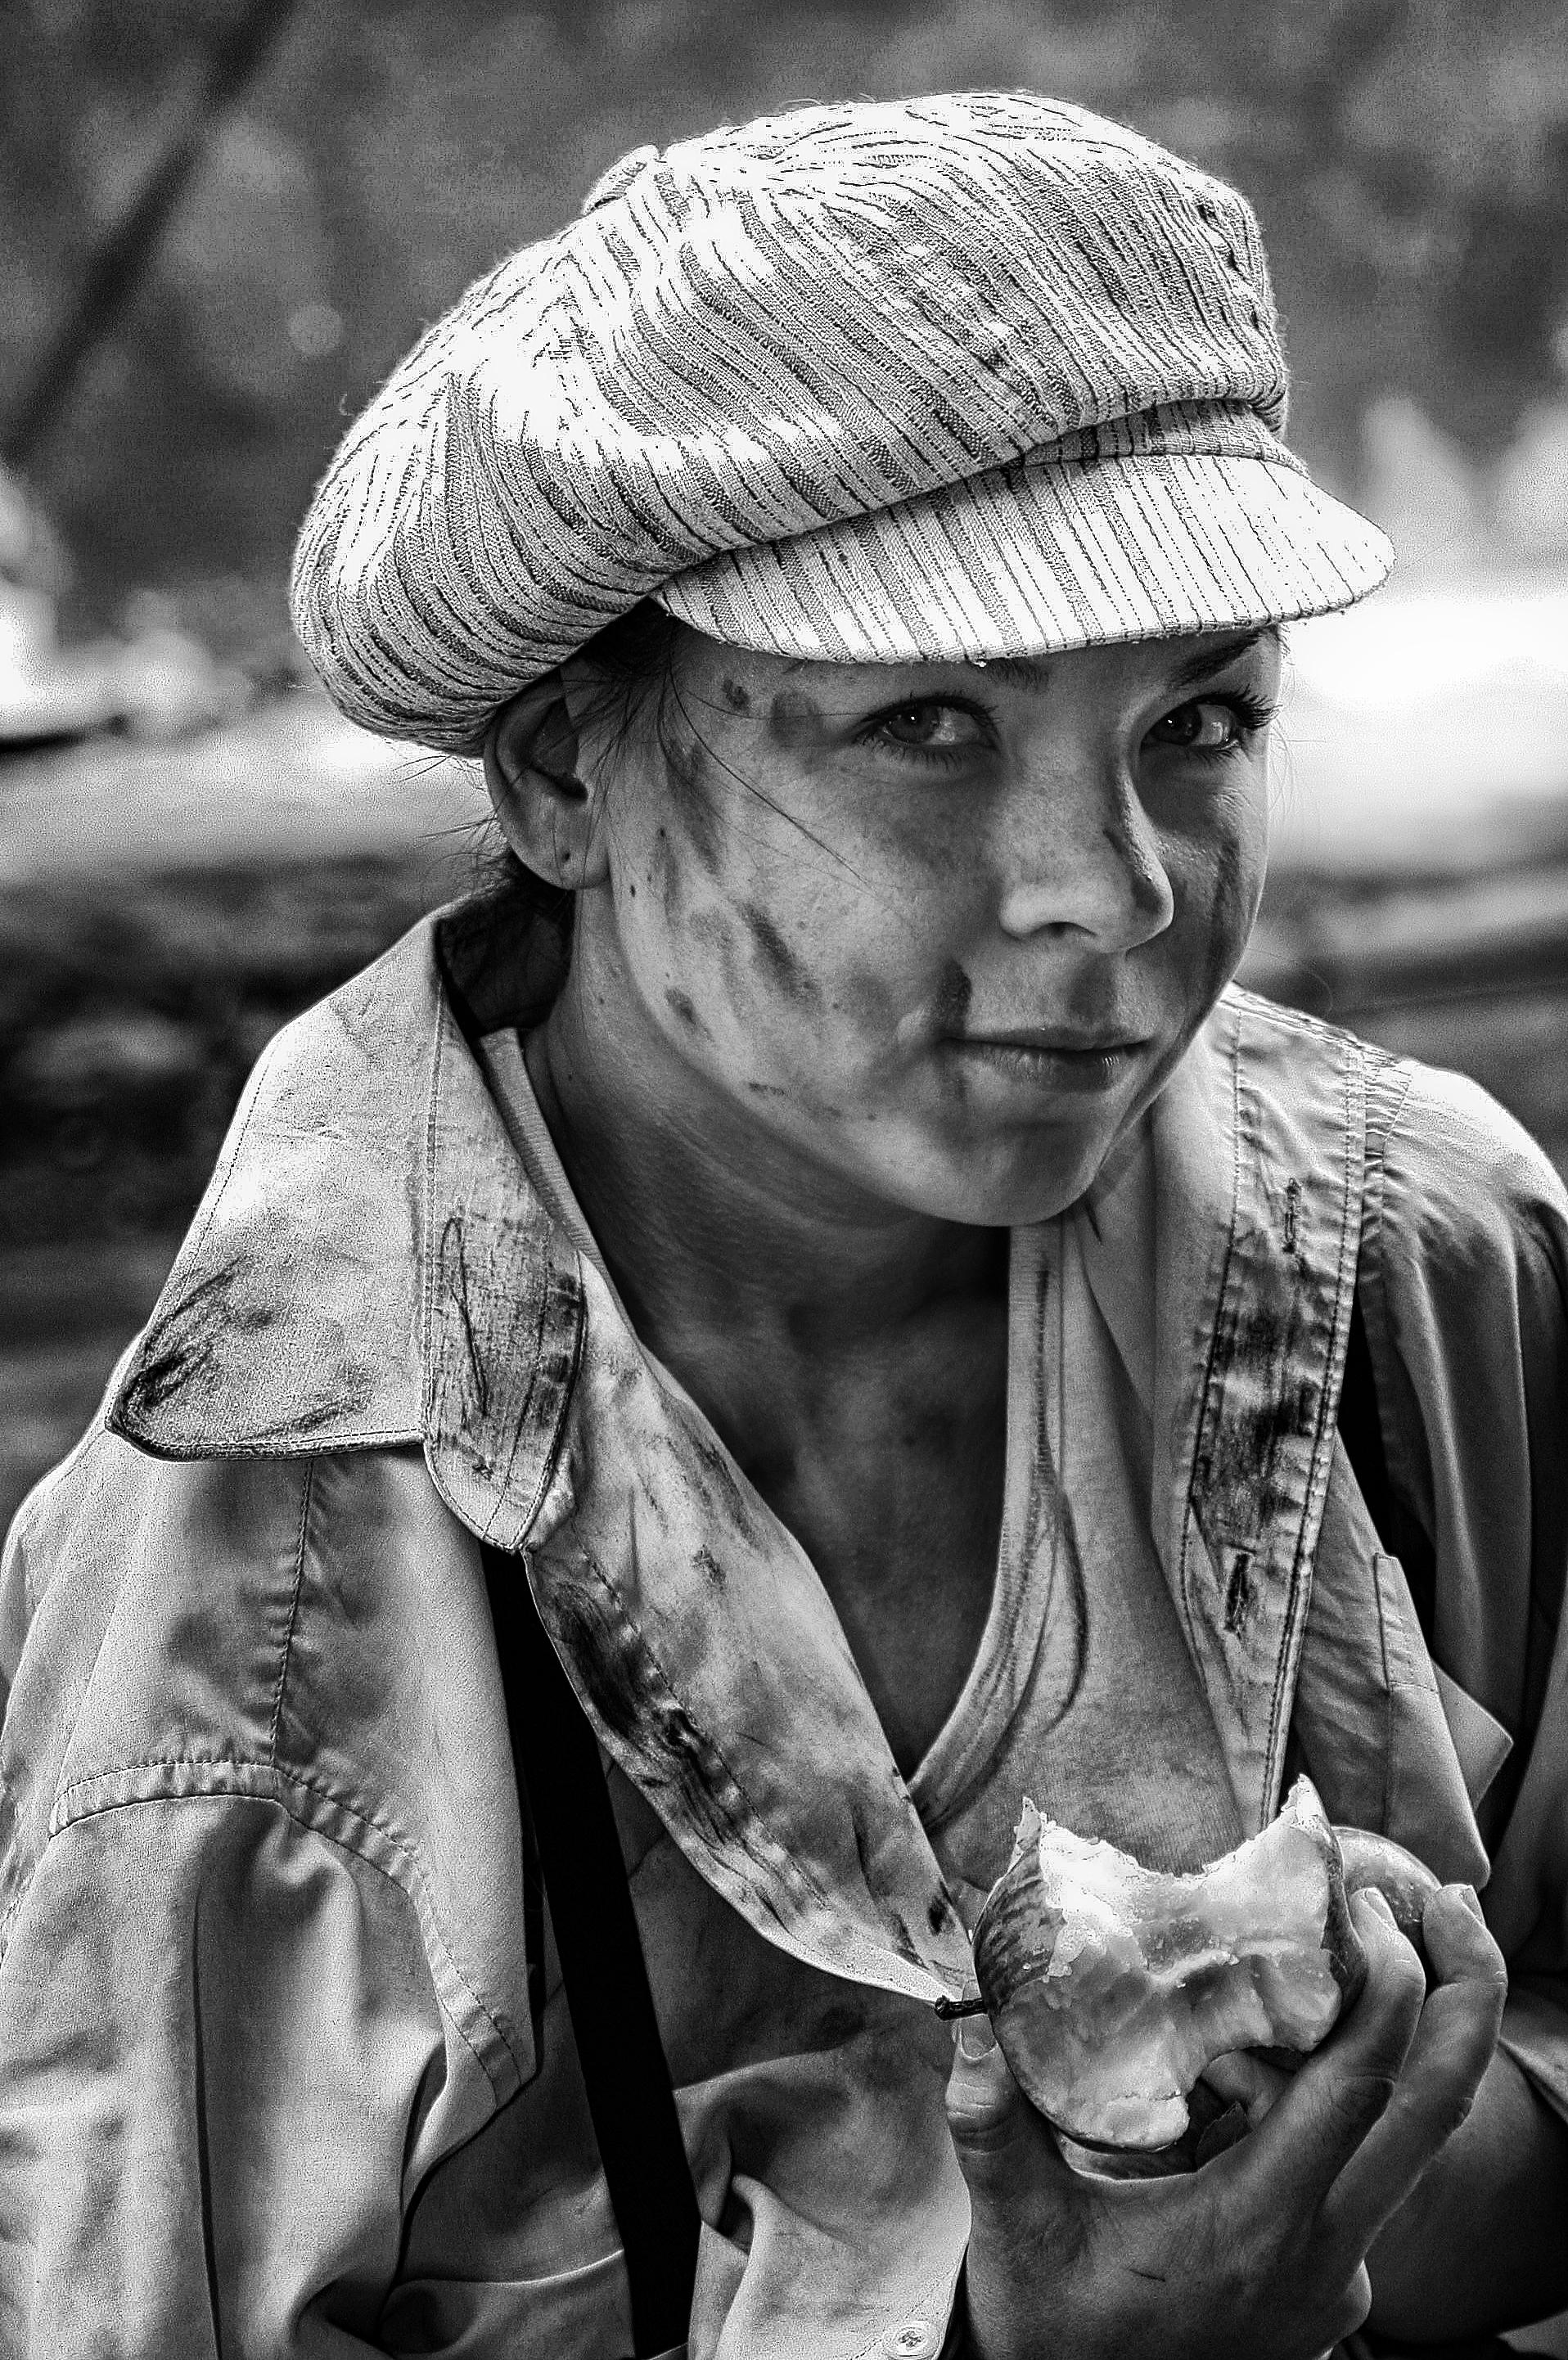 Гаврош   Марта Валтер   Жанр   Фотография #136240